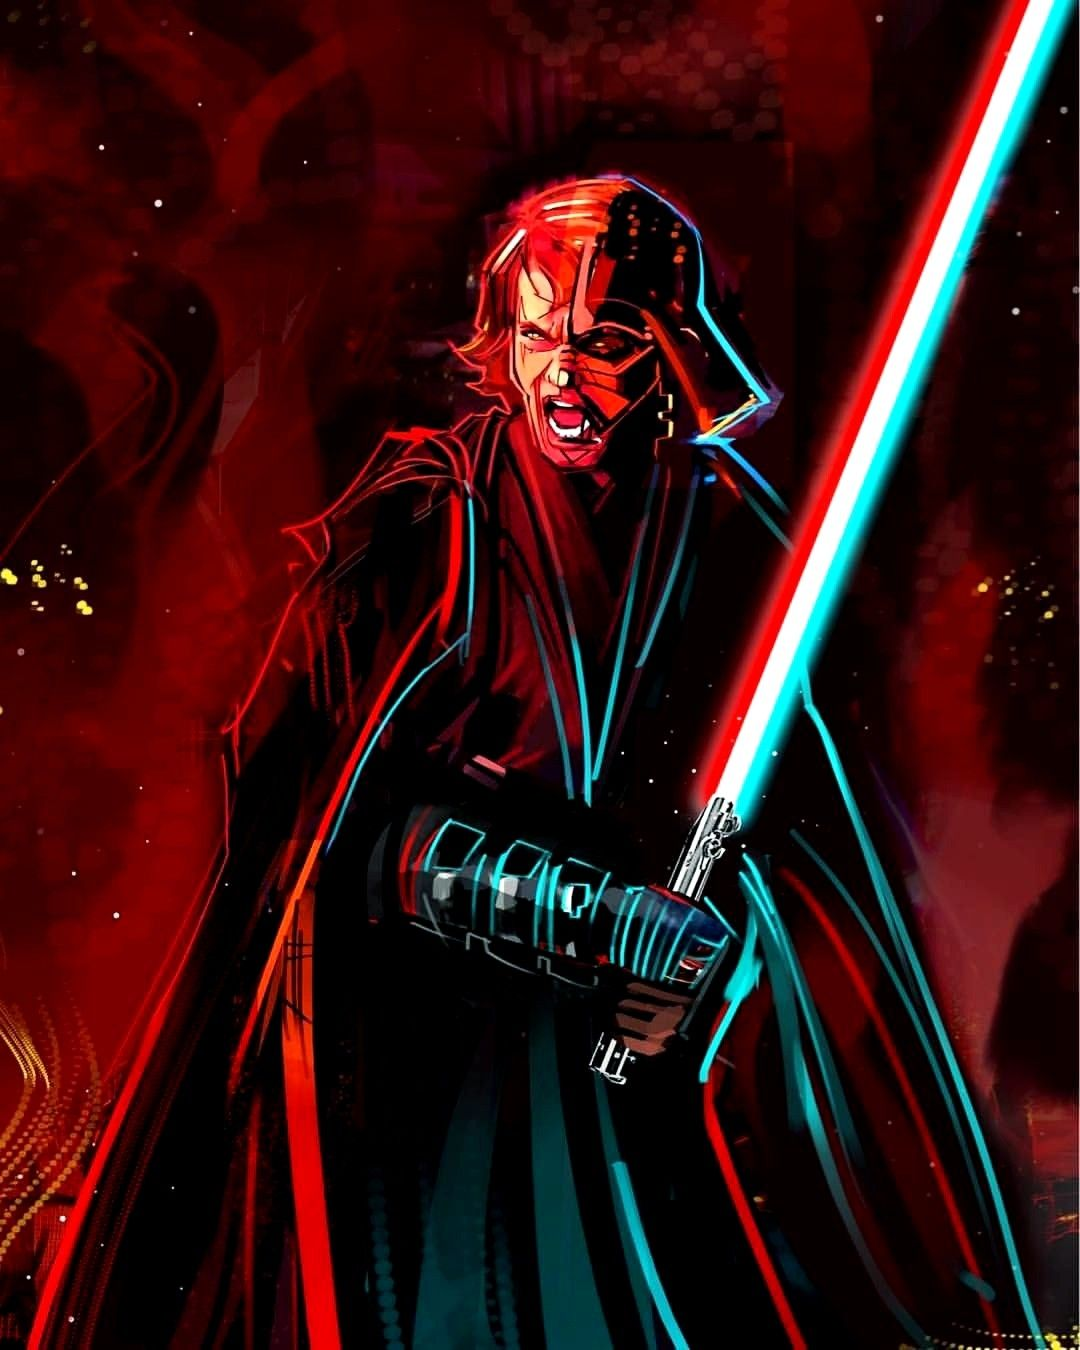 Darth Vader Anakin Skywalker Starwars Star Wars Painting Star Wars Background Star Wars Pictures